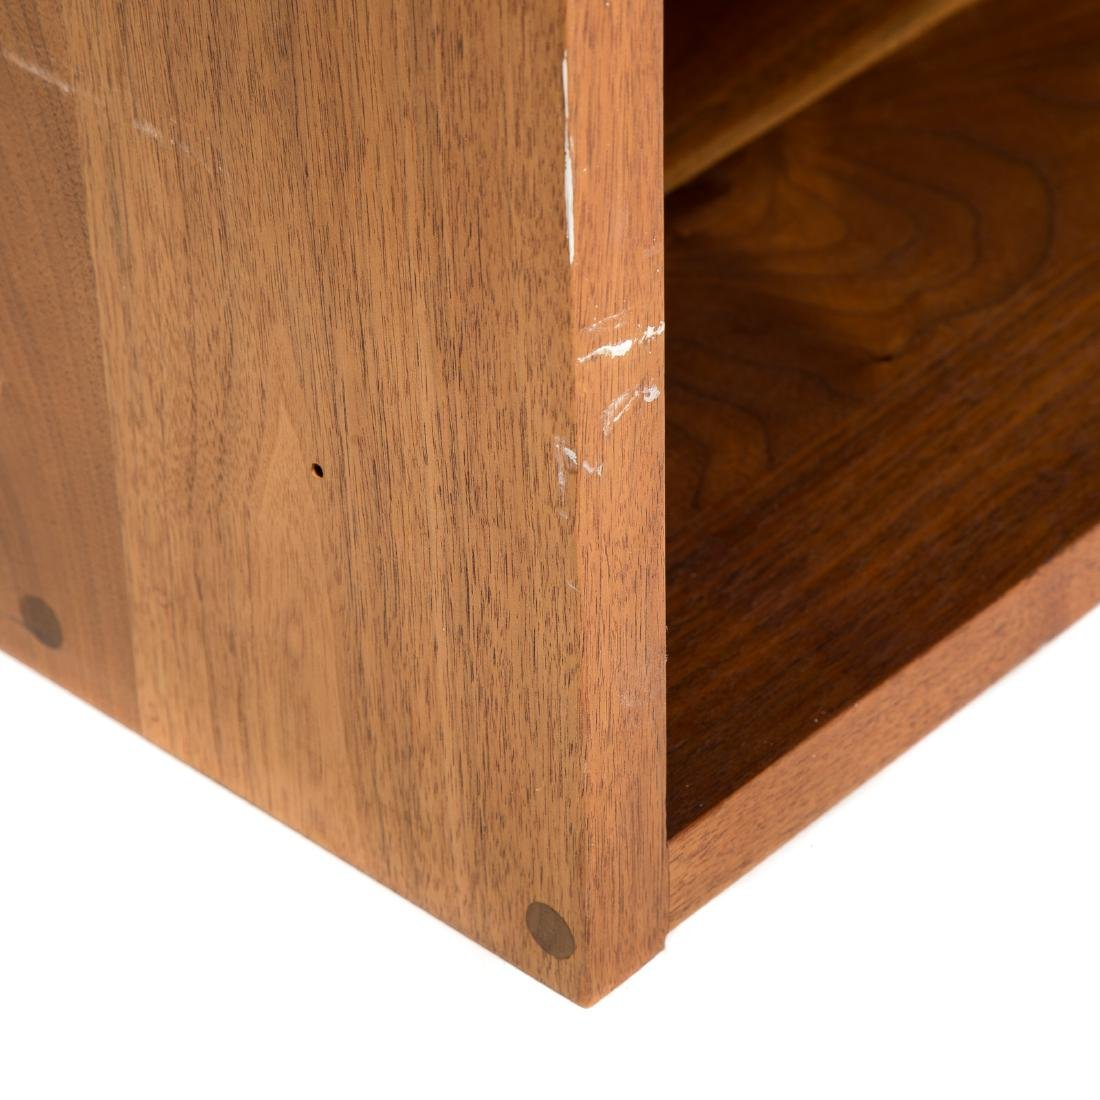 George Nakashima Custom Cabinet - 7